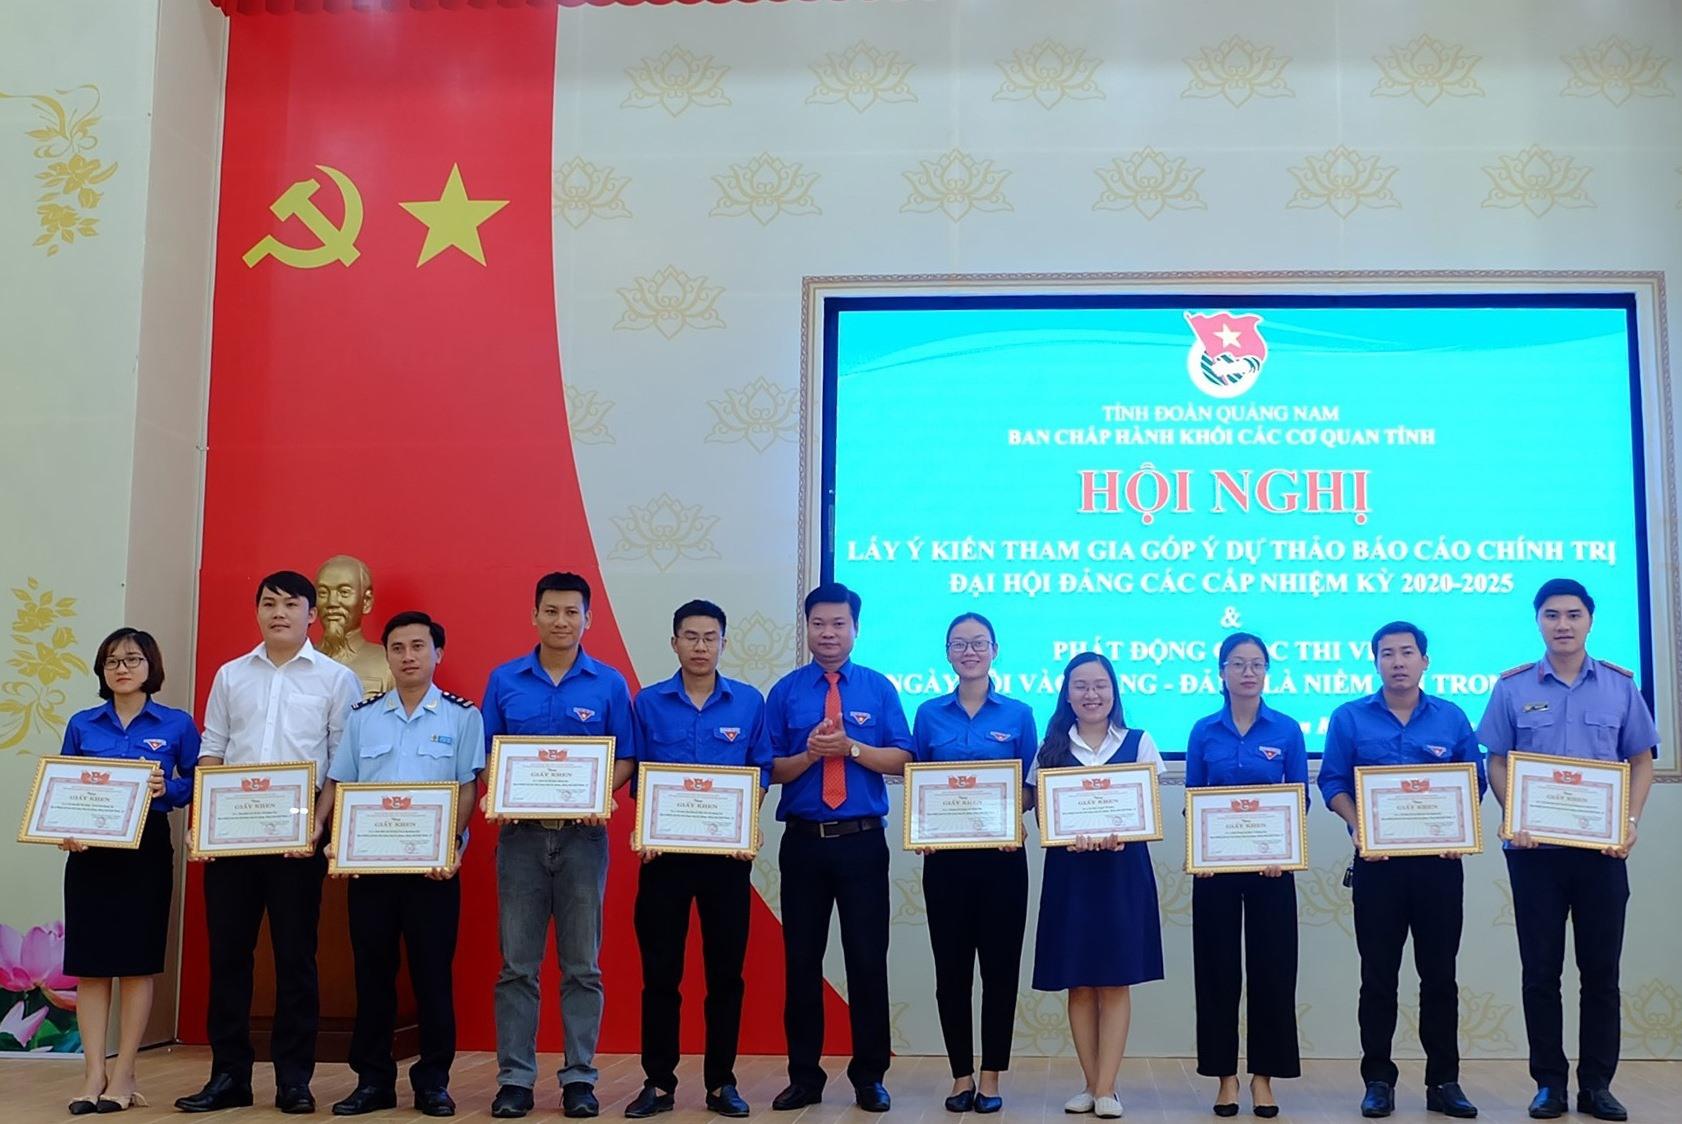 Khen thưởng 10 tập thể tiêu biểu trong công tác phòng, chống dịch Covid-19. Ảnh: M.L